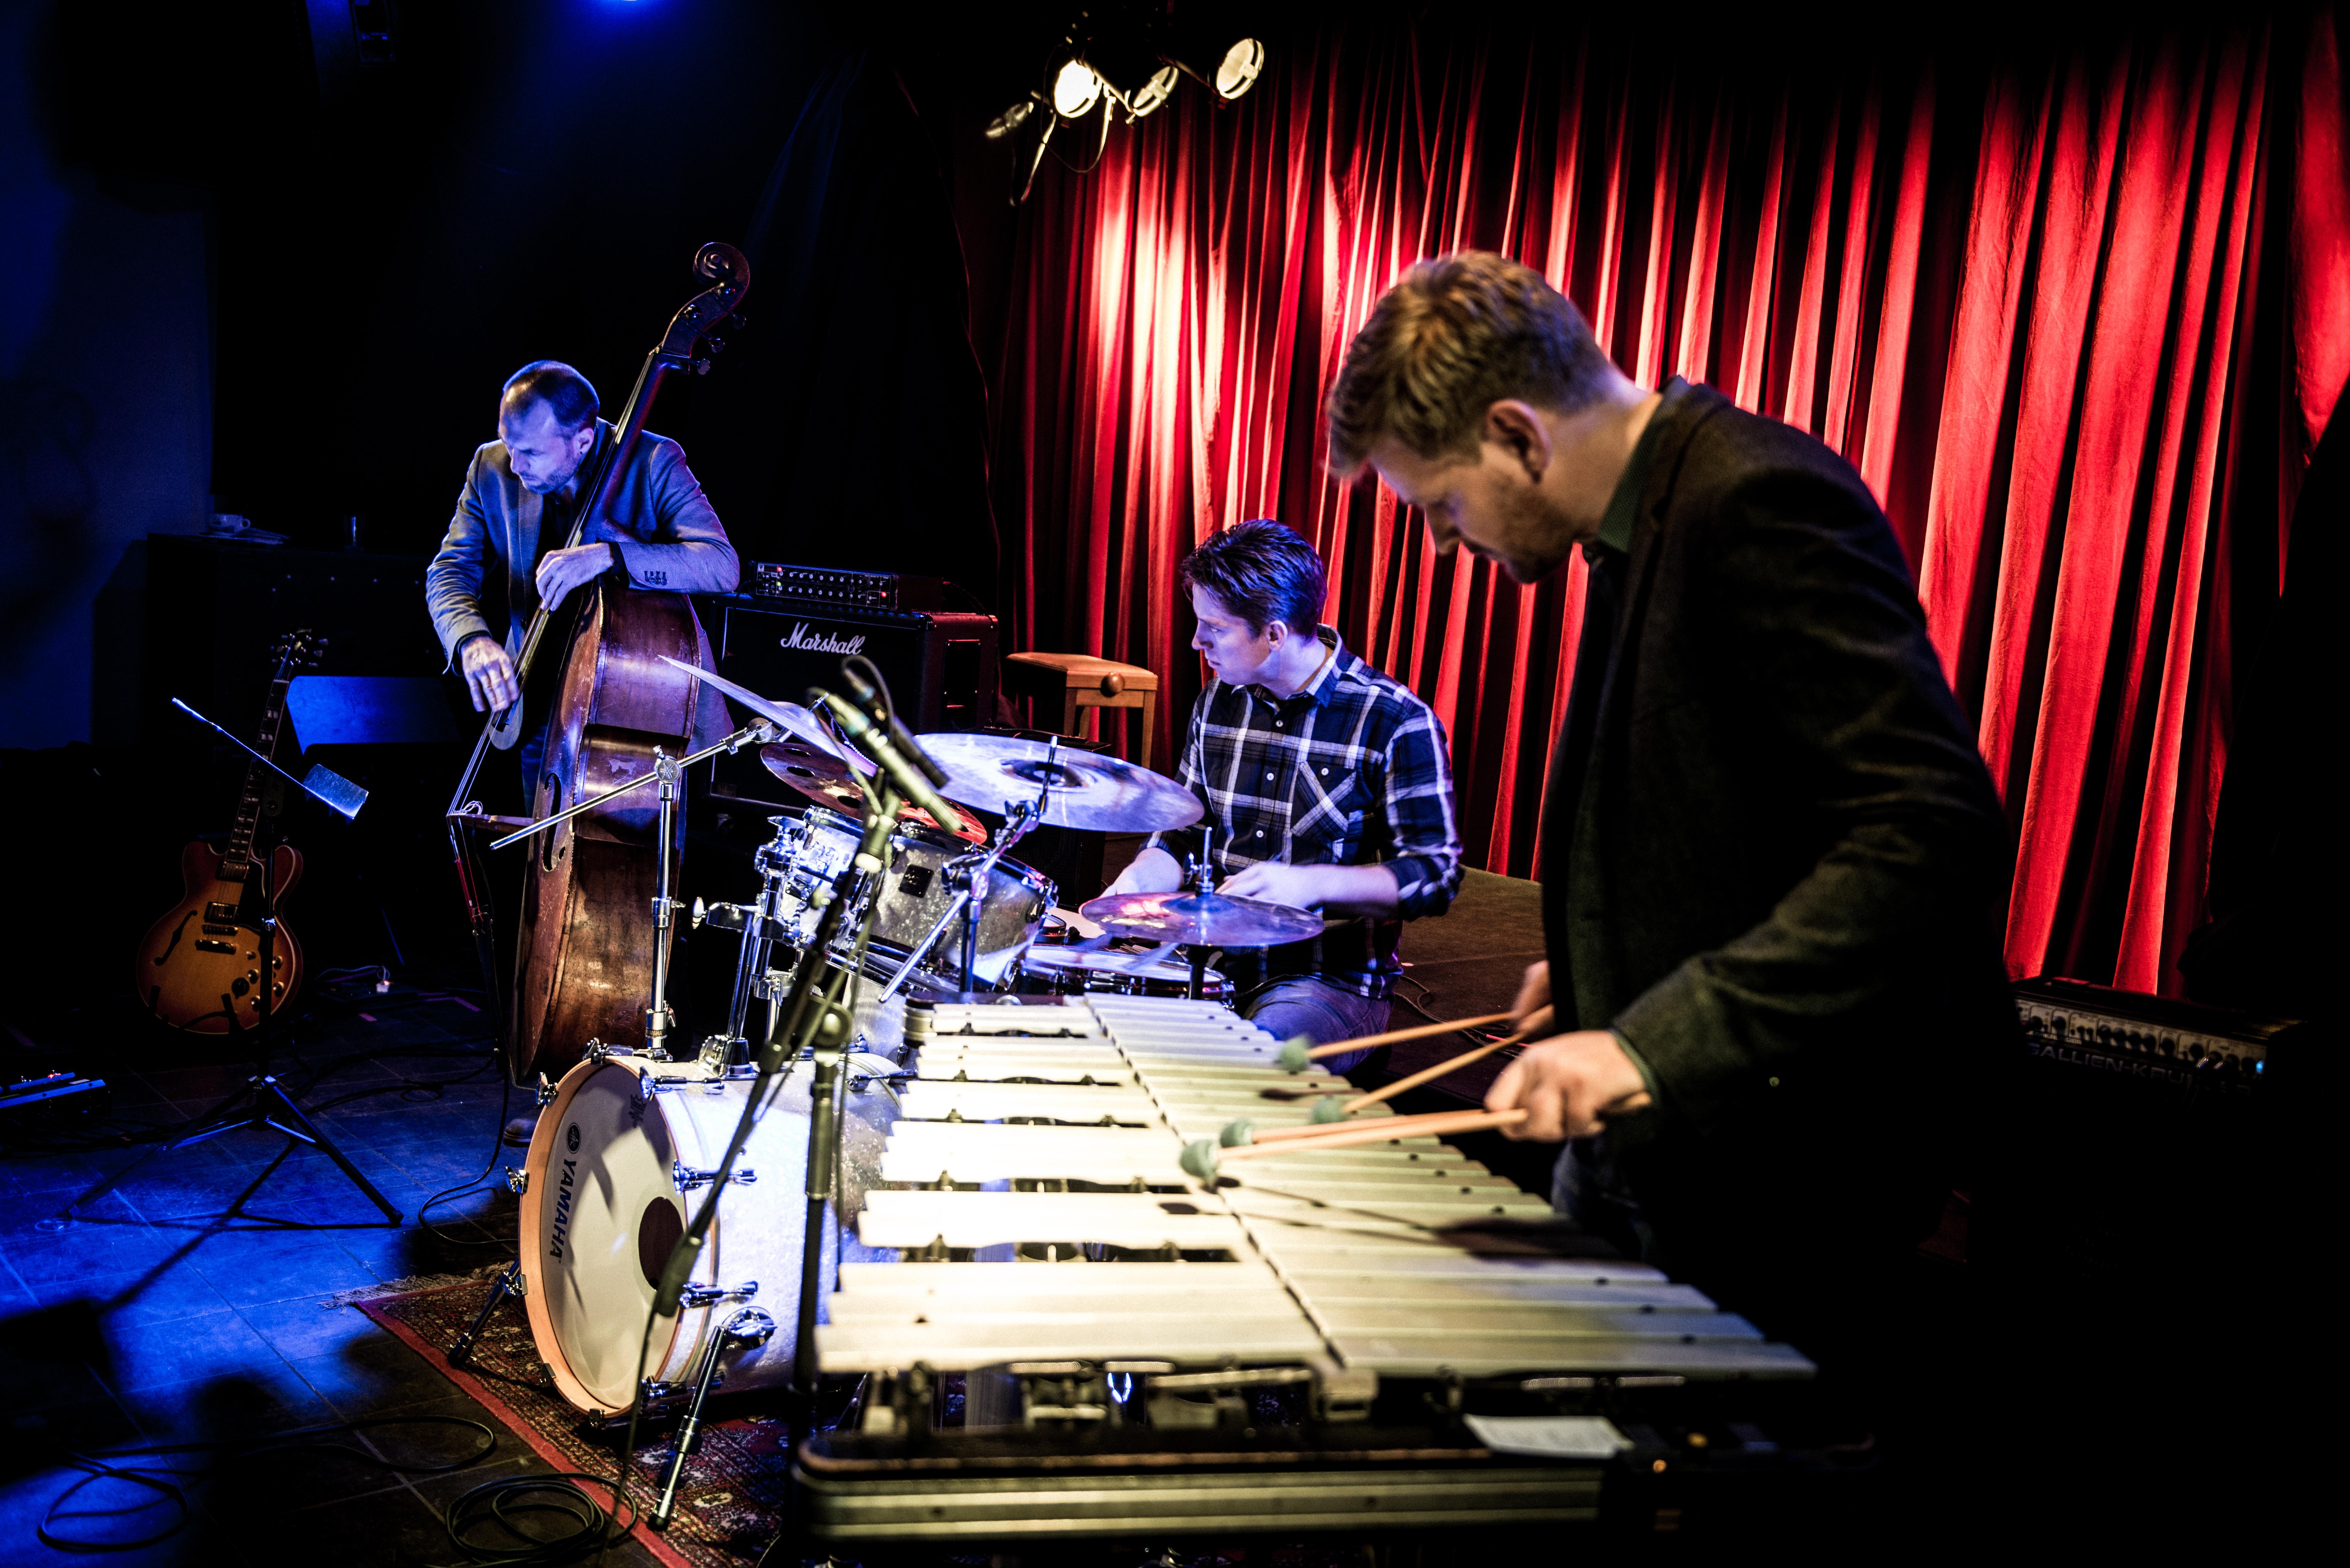 Jazzdiskurs 187 / Martin Fabricius Trio (DK) / 14.11.2017 / 20.30 Uhr / Ursprung